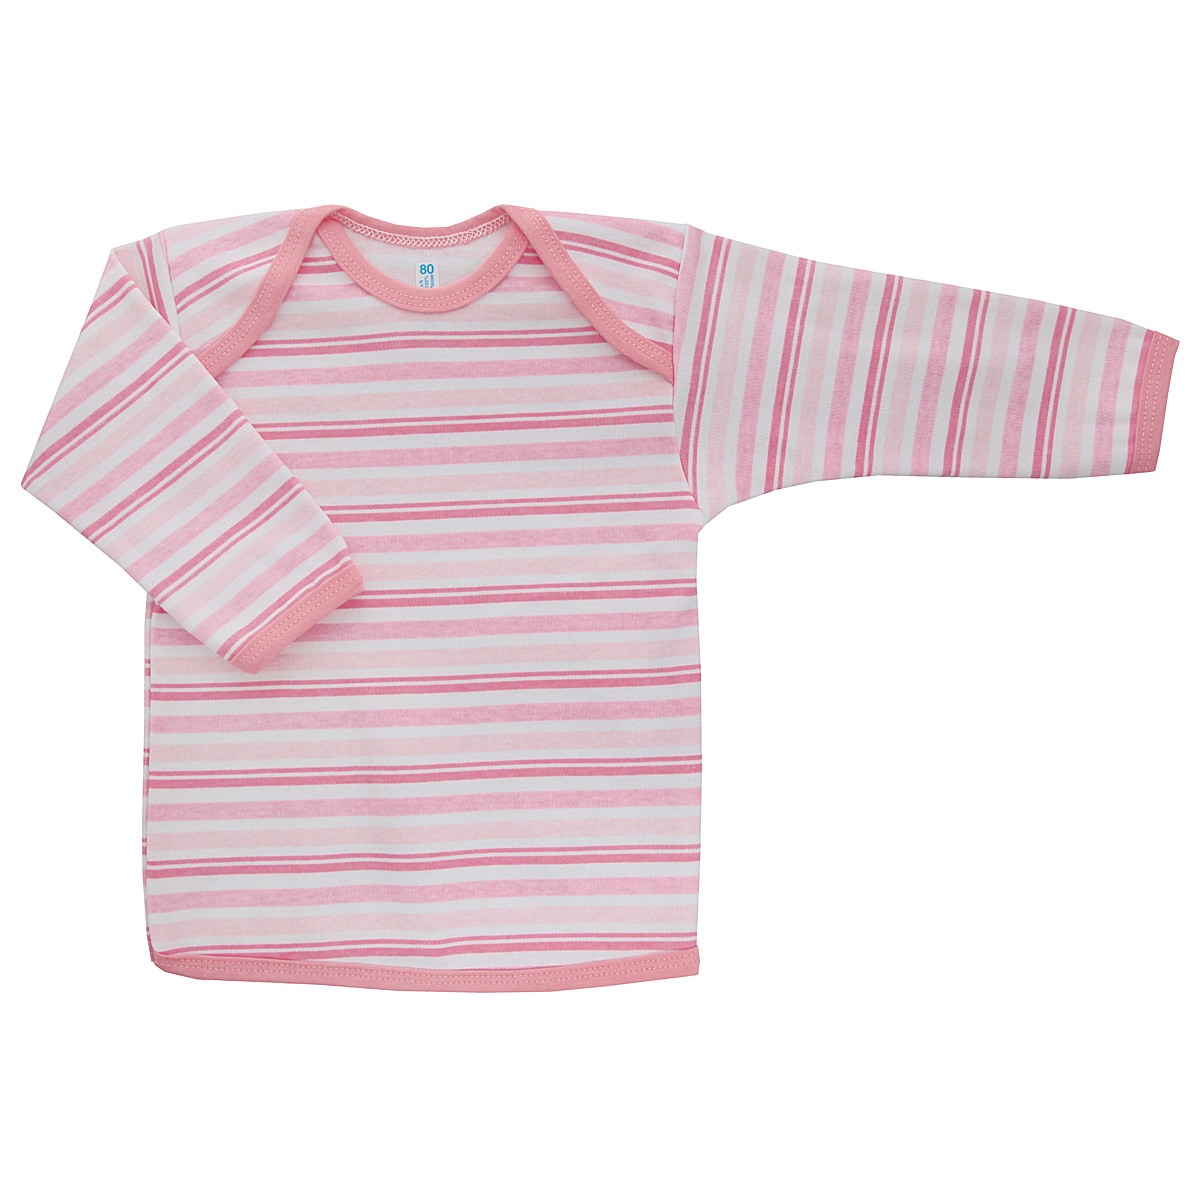 Футболка с длинным рукавом детская Трон-плюс, цвет: розовый, белый. 5611_полоска. Размер 80, 12 месяцев5611_полоскаУдобная детская футболка Трон-плюс с длинными рукавами послужит идеальным дополнением к гардеробу вашего ребенка, обеспечивая ему наибольший комфорт. Изготовленная из интерлока - натурального хлопка, она необычайно мягкая и легкая, не раздражает нежную кожу ребенка и хорошо вентилируется, а эластичные швы приятны телу ребенка и не препятствуют его движениям. Удобные запахи на плечах помогают легко переодеть младенца. Горловина, низ модели и низ рукавов дополнены трикотажной бейкой. Спинка модели незначительно укорочена. Оформлено изделие принтом в полоску. Футболка полностью соответствует особенностям жизни ребенка в ранний период, не стесняя и не ограничивая его в движениях.